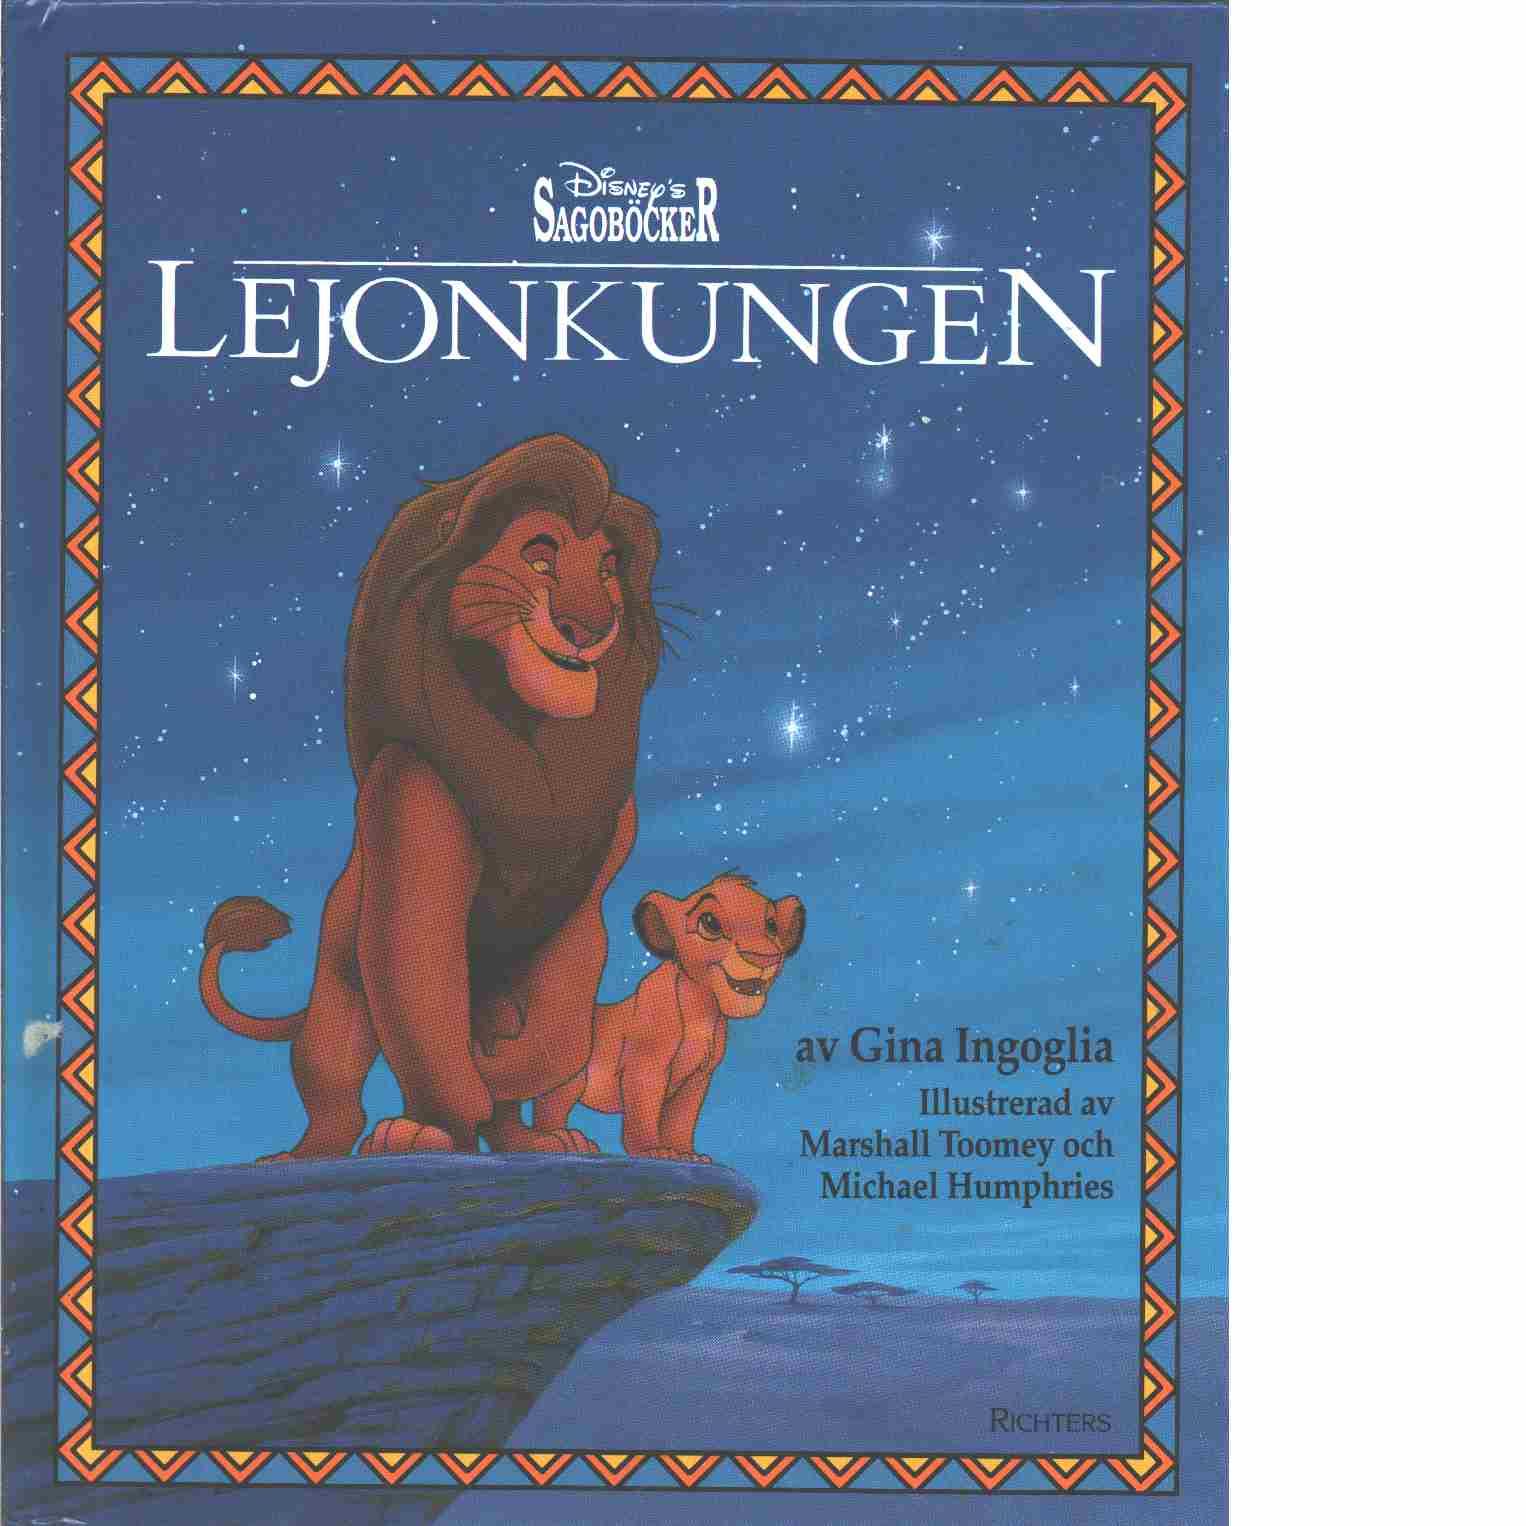 Lejonkungen - Ingoglia, Gina